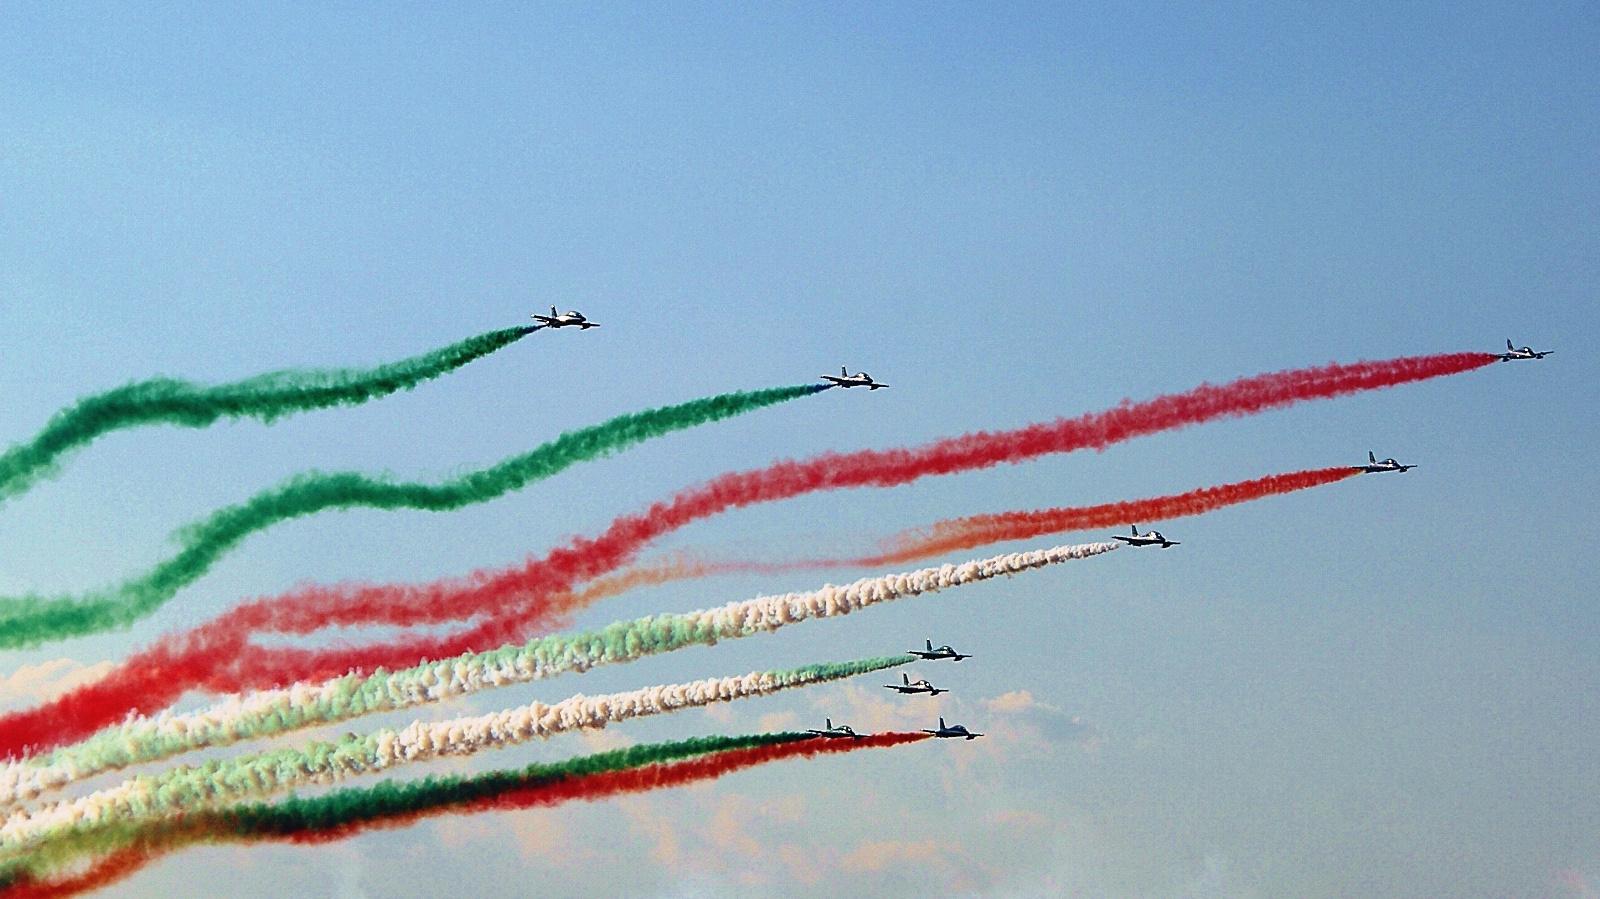 tourista: Frecce Tricolori Olaszországból Kecskeméti Repülőnap 2013